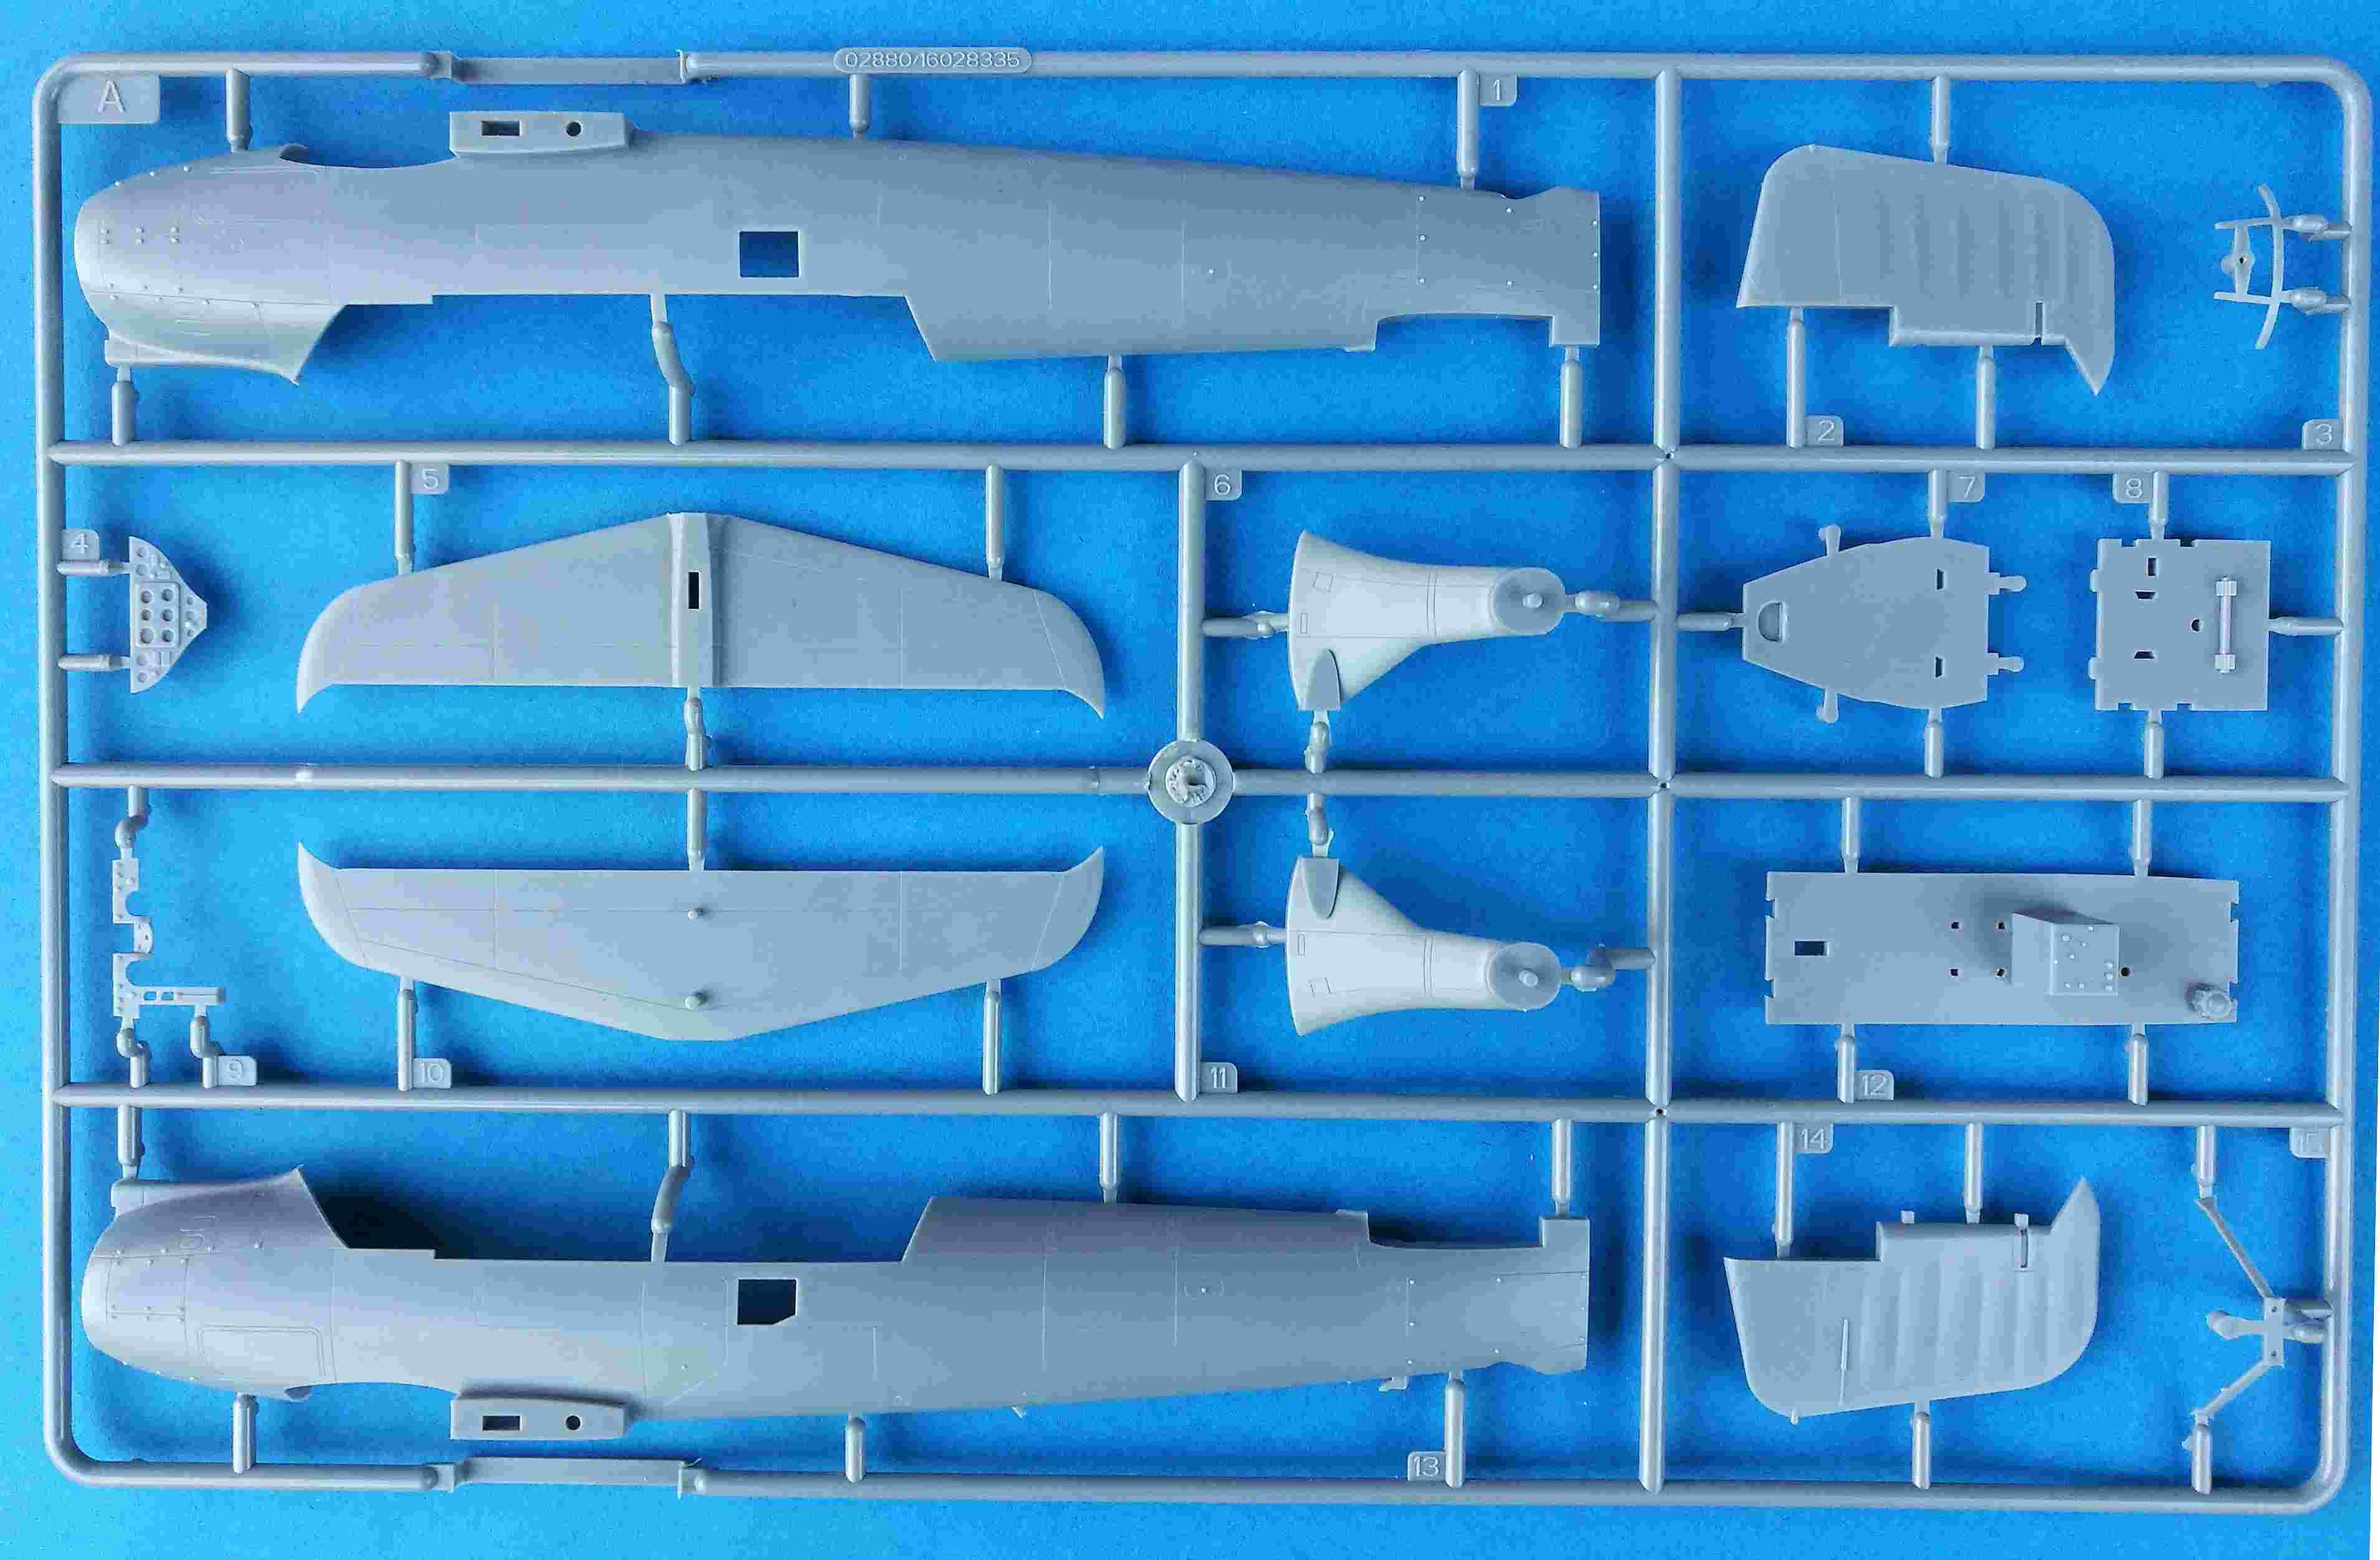 Trumpeter-02880-Fairey-Albacore-20 Fairey Albacore in 1:48  Trumpeter # 02880